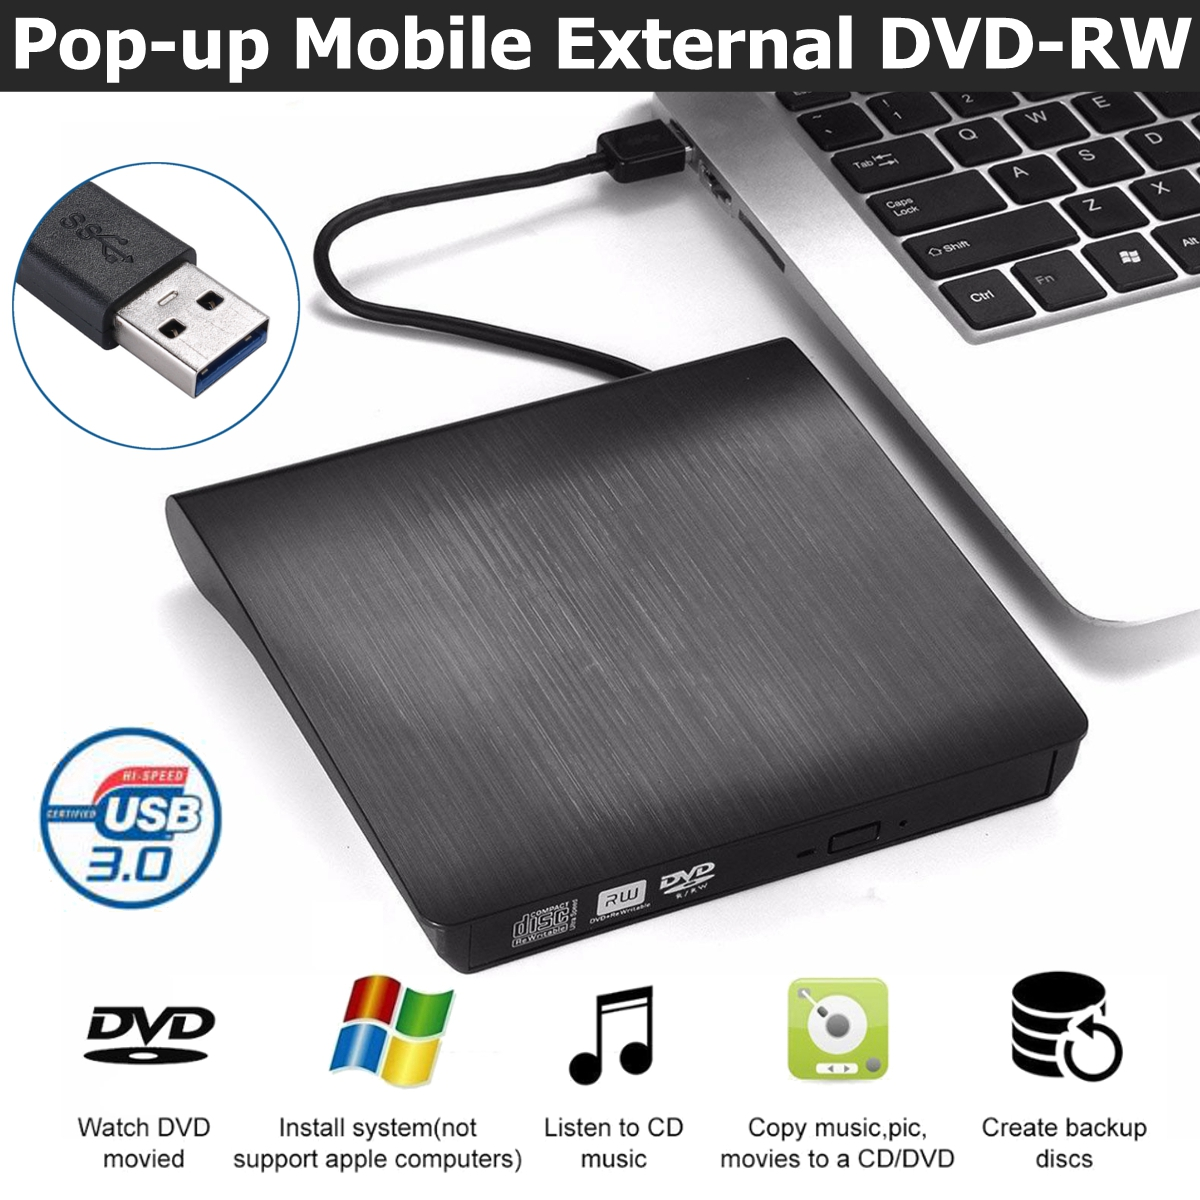 USB 3.0 Externo Slim DVD RW CD Burner Escritor Leitor Player Optical Drives Para Computador Portátil PC